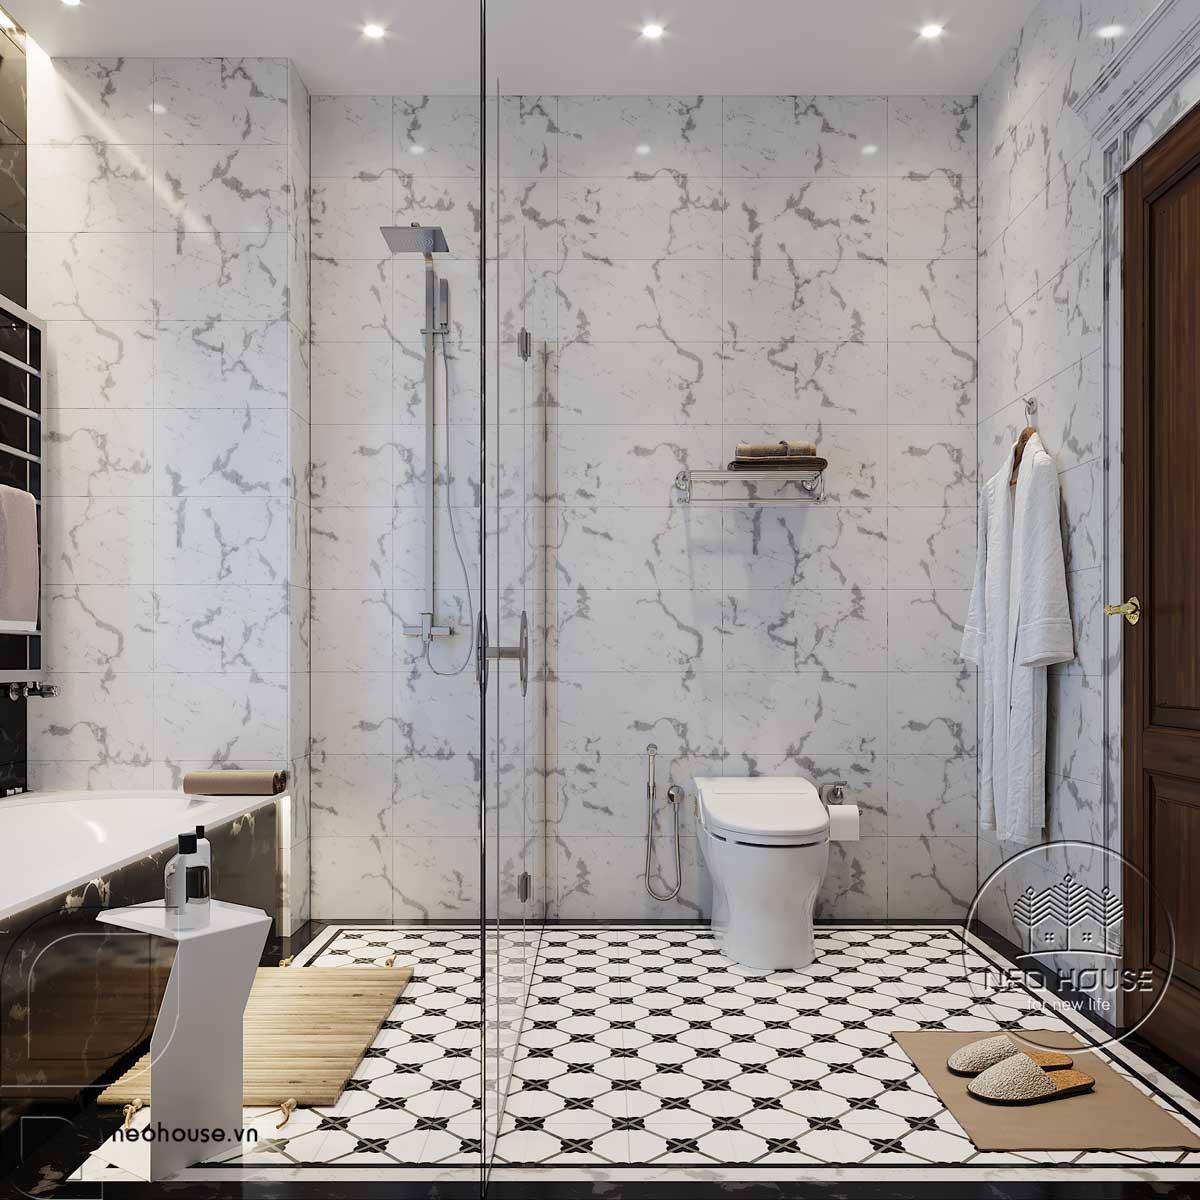 Thiết kế nội thất phòng vệ sinh tầng trệt